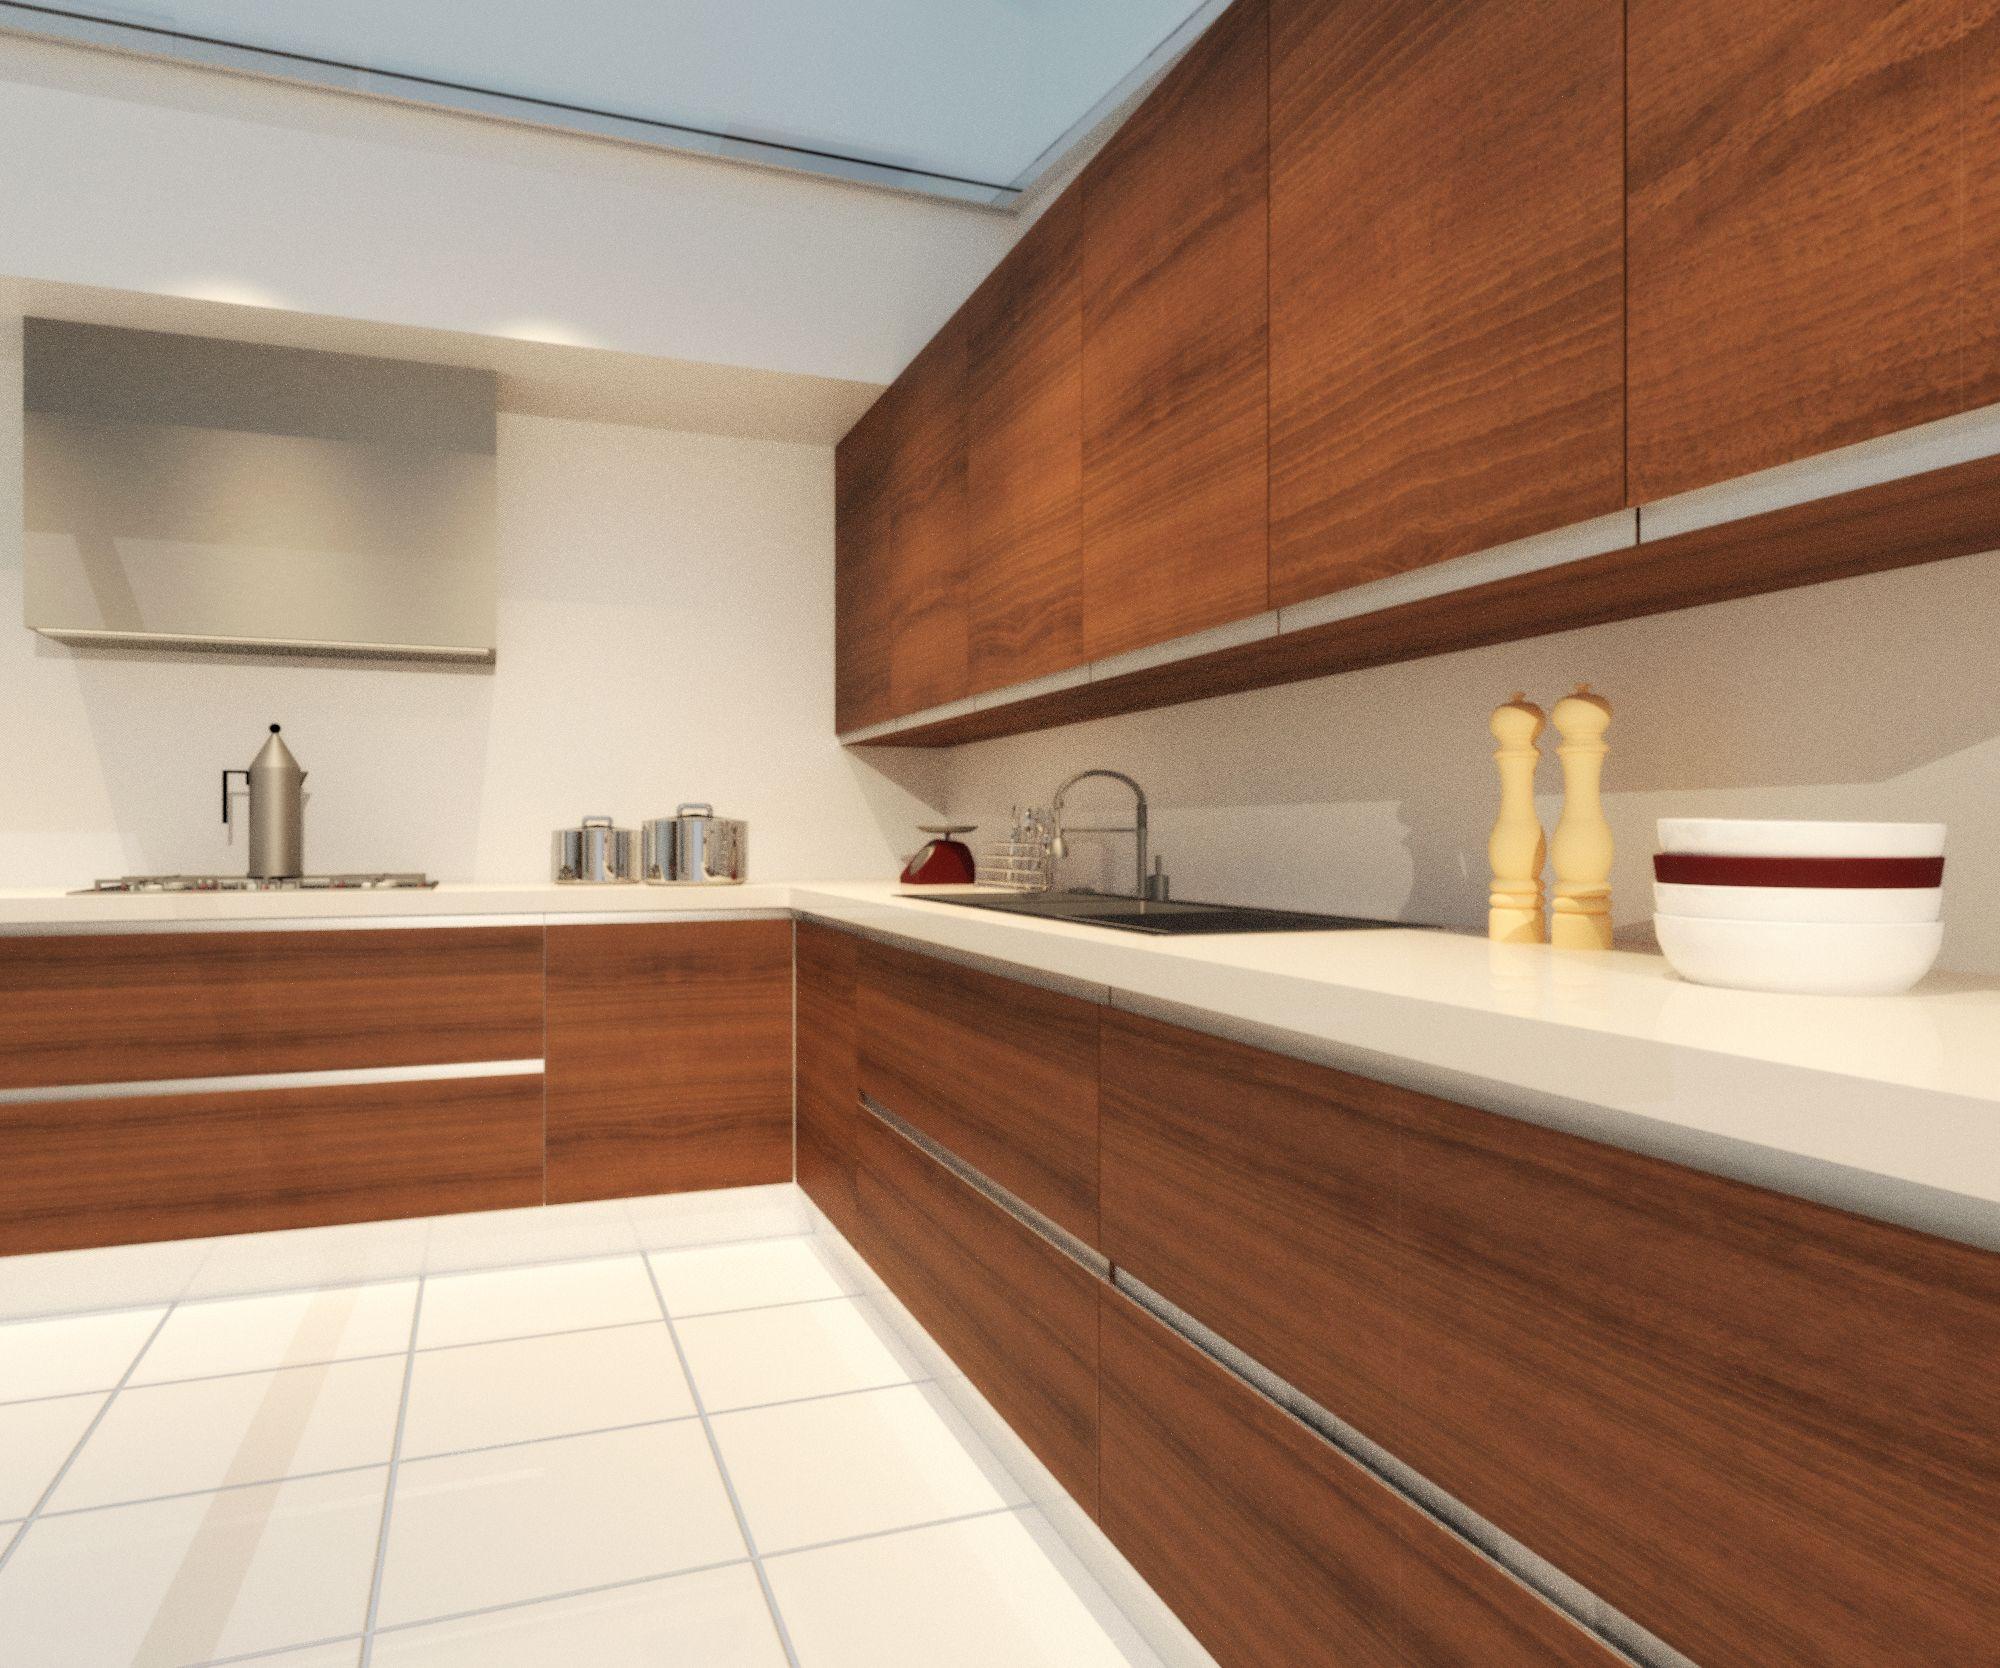 Cocina con puertas de madera de dise o liso modelo onda for Diseno de puertas de madera